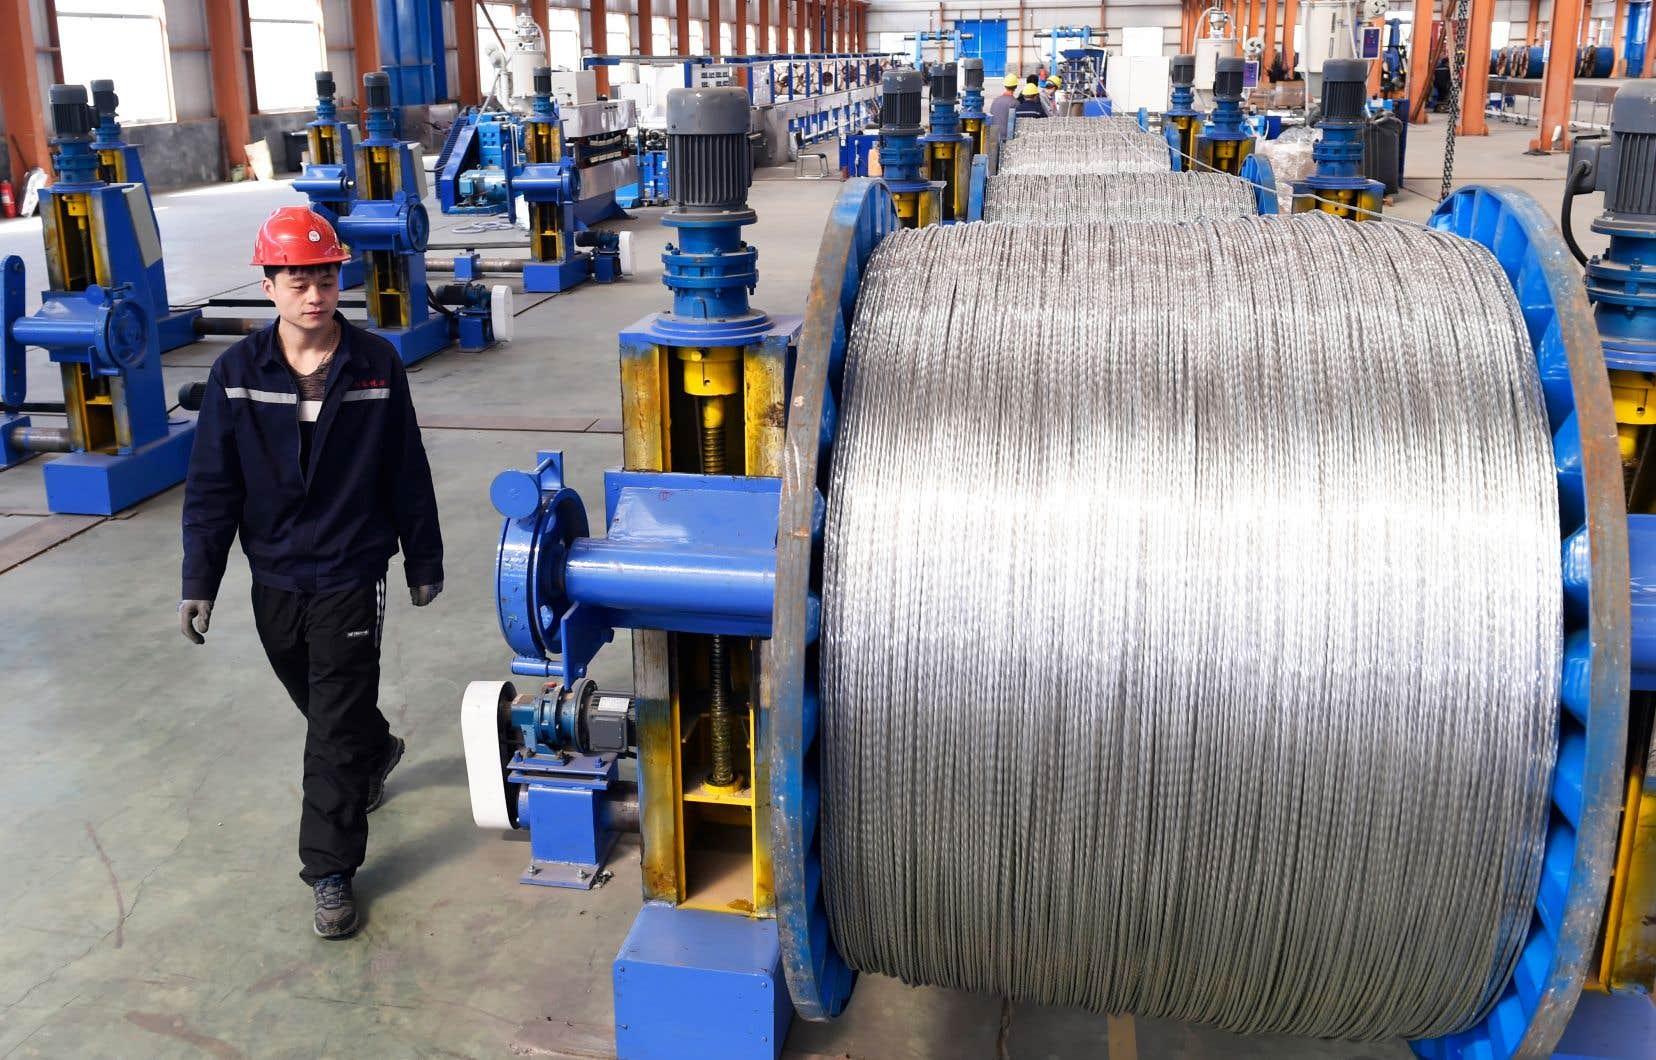 «La croissance continuelle des capacités de production de la Chine est très impressionnante et fait très peur», illustre Kathrine Fog.